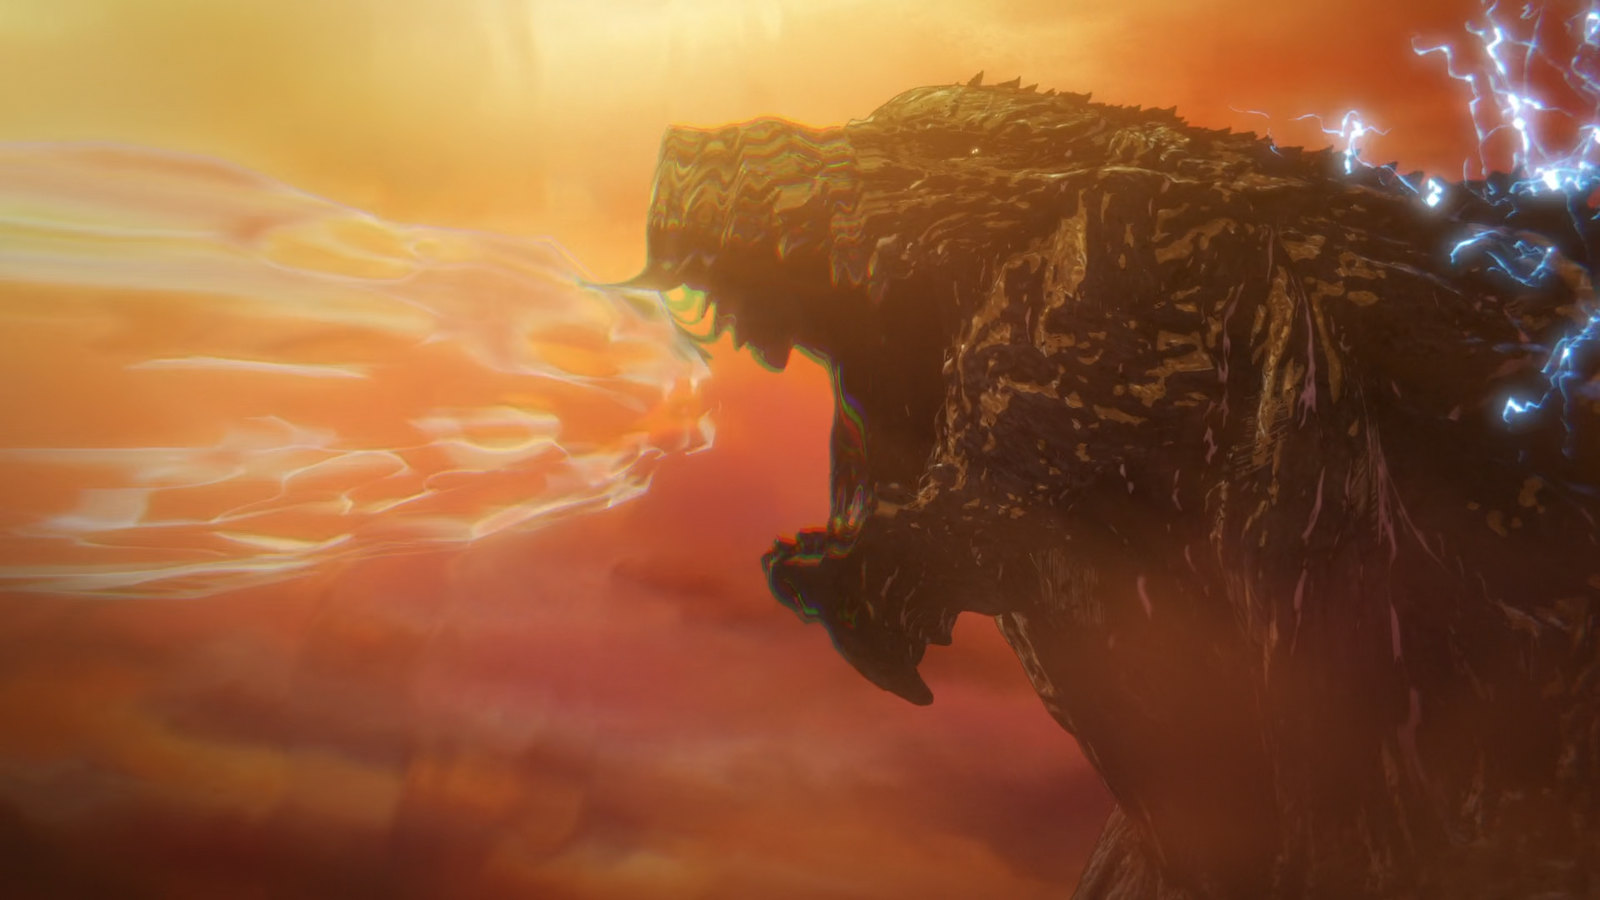 180307 - 人型生命種族『フツア』登場活躍、哥吉拉劇場版《GODZILLA 第2章 決戦機動増殖都市》宣布5/18上映!